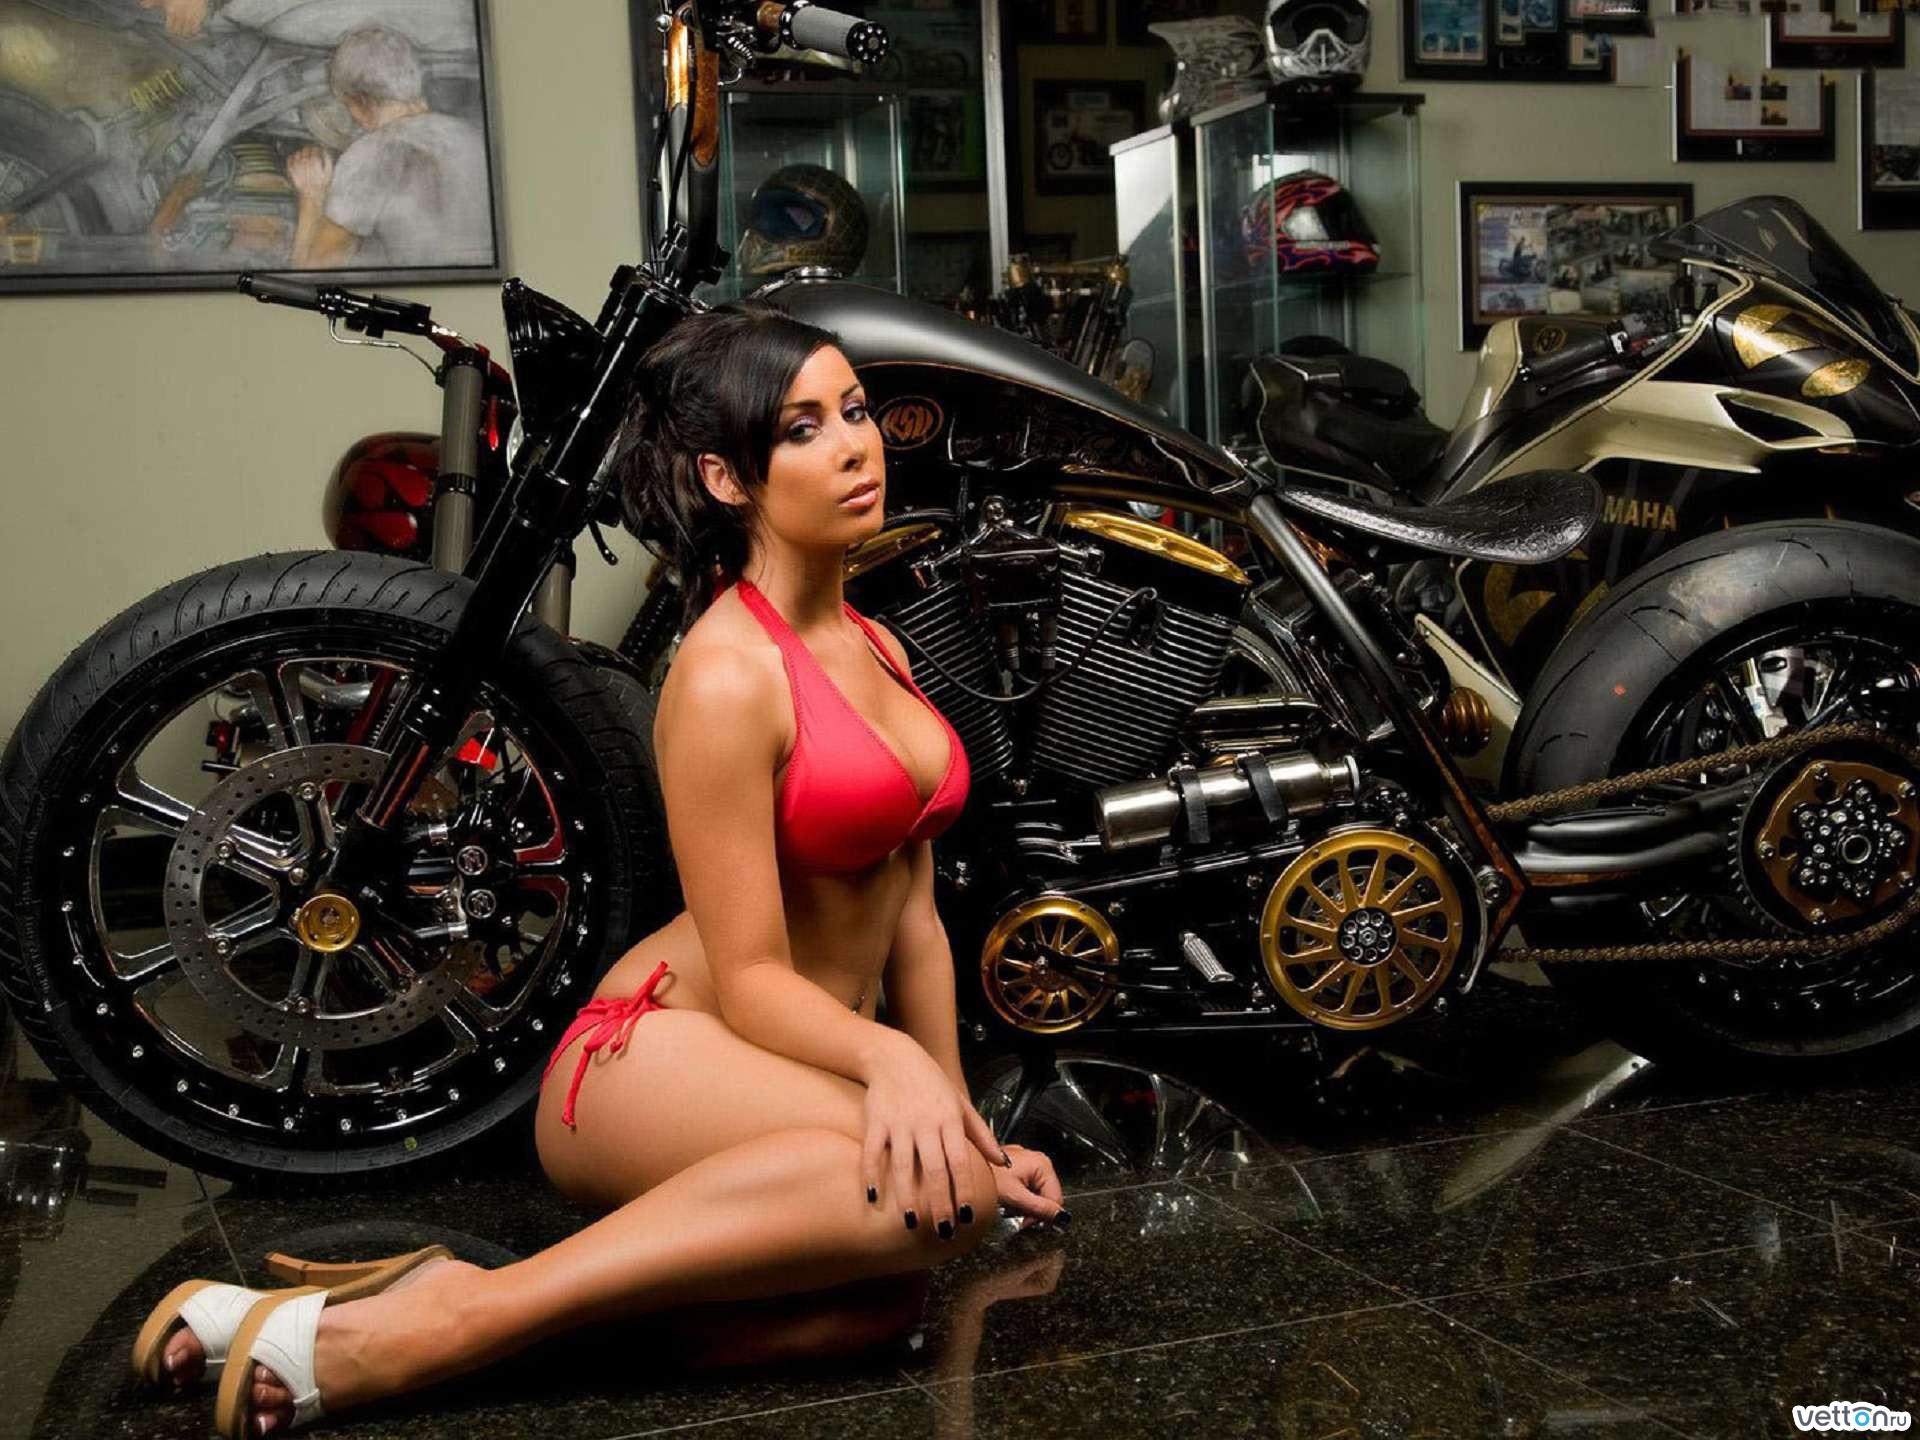 Секс в гараже на мотоцикле 9 фотография